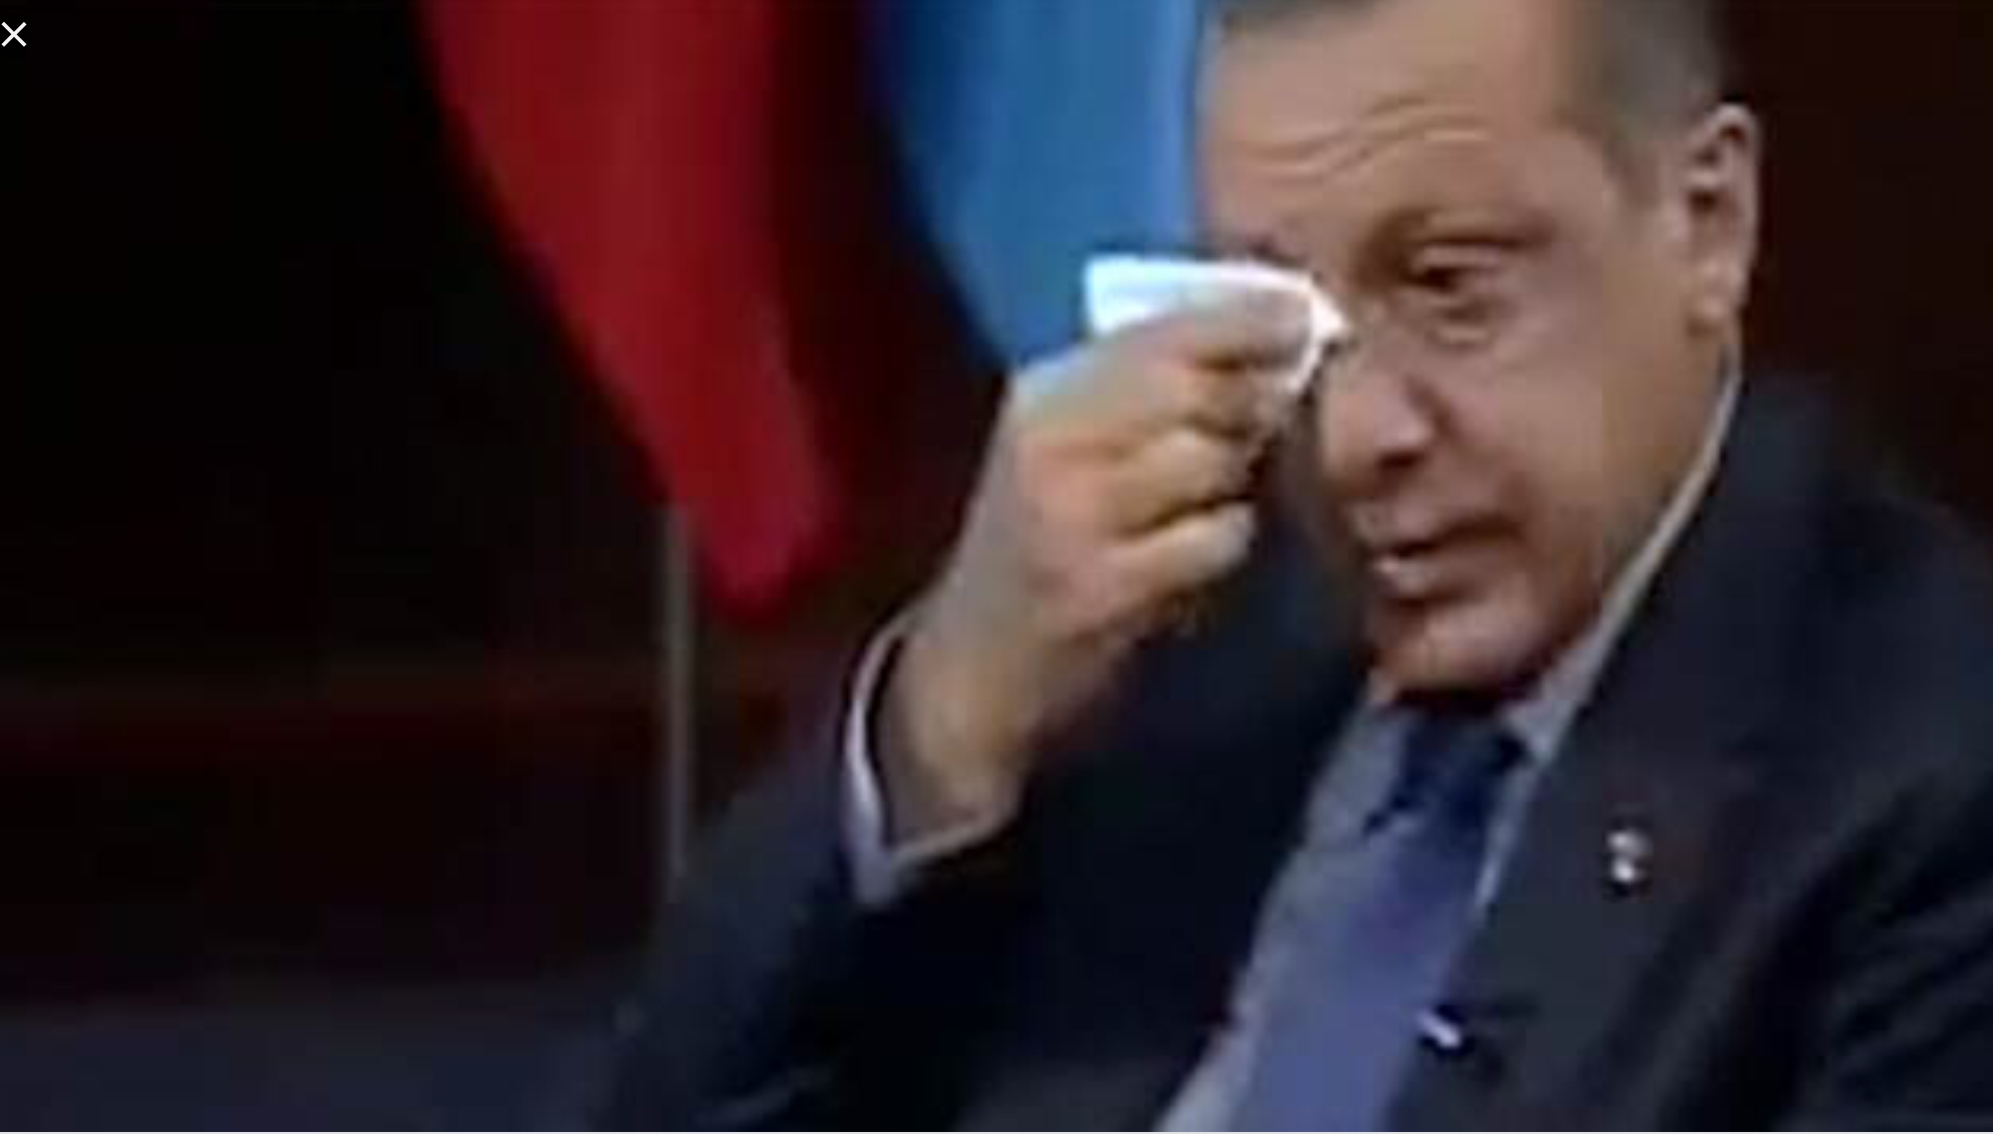 🇹🇷 Όλο το παρασκήνιο της τουρκικής κρίσης-Ο κίνδυνος για την Ελλάδα